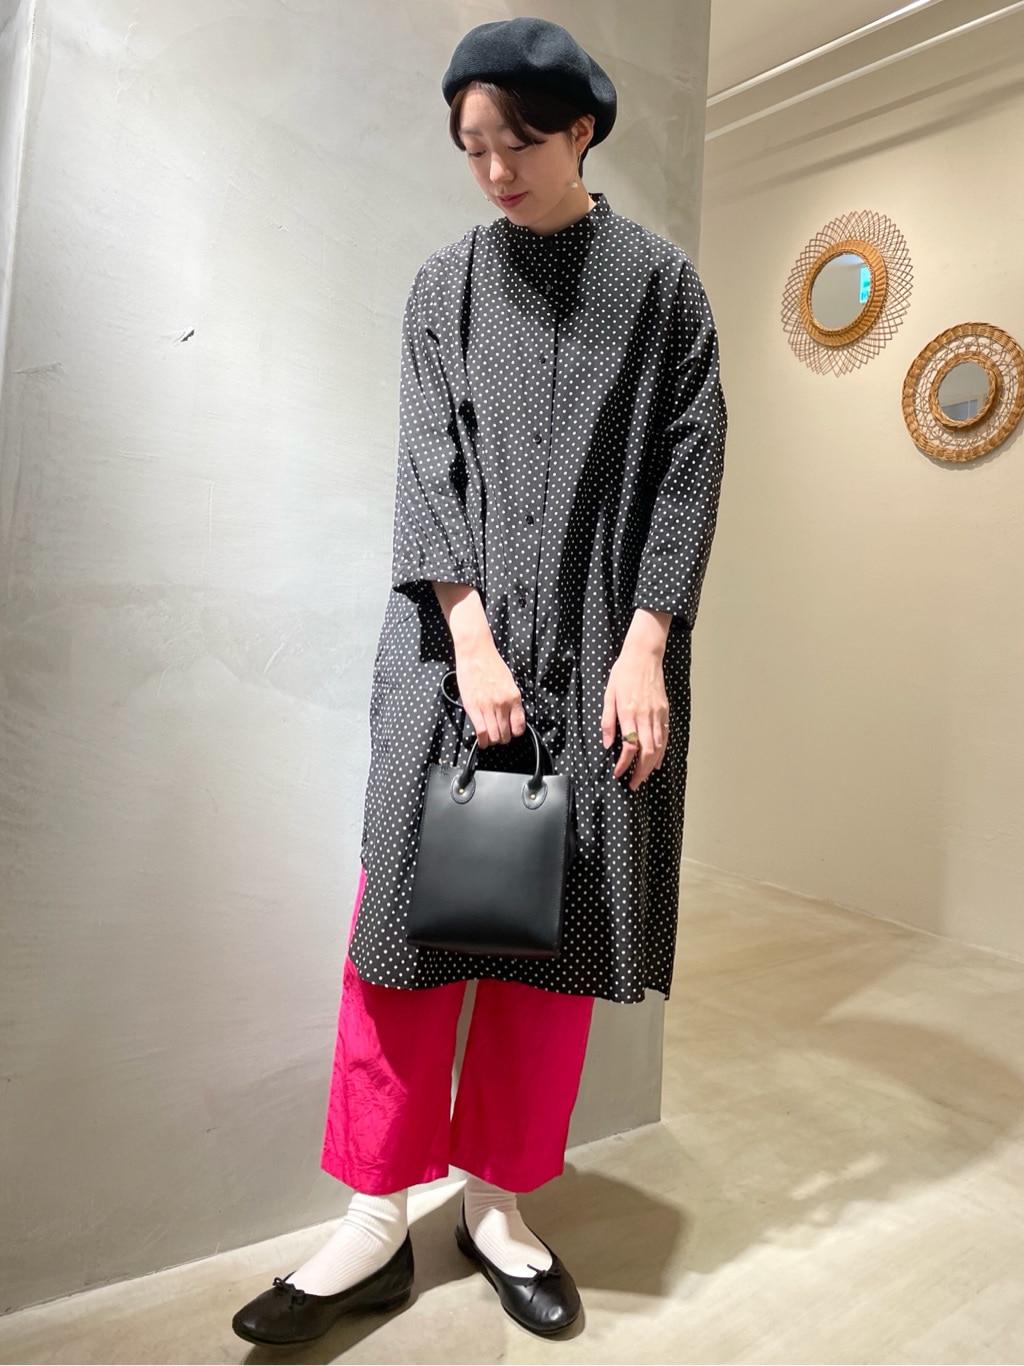 yuni ニュウマン横浜 身長:166cm 2021.03.10